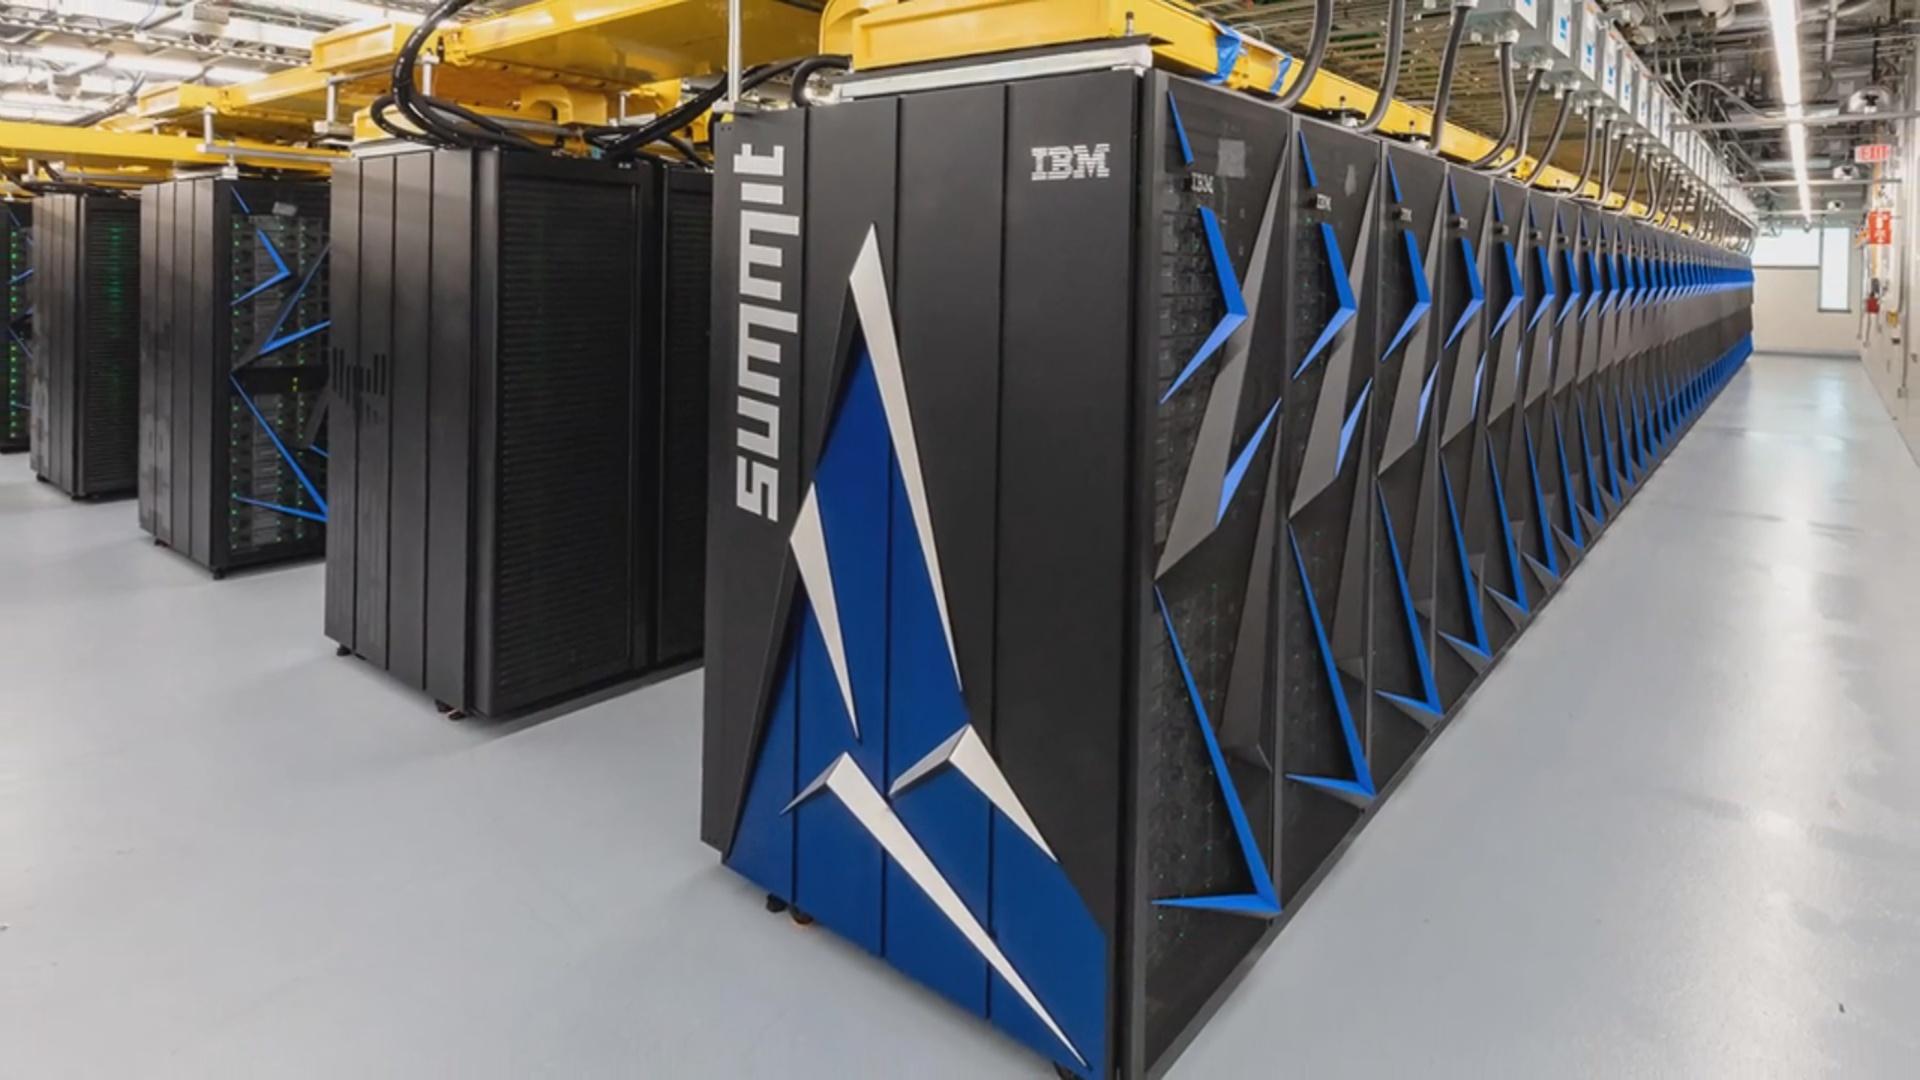 ABŞ dünyanın ən böyük super komputerini yaradıb